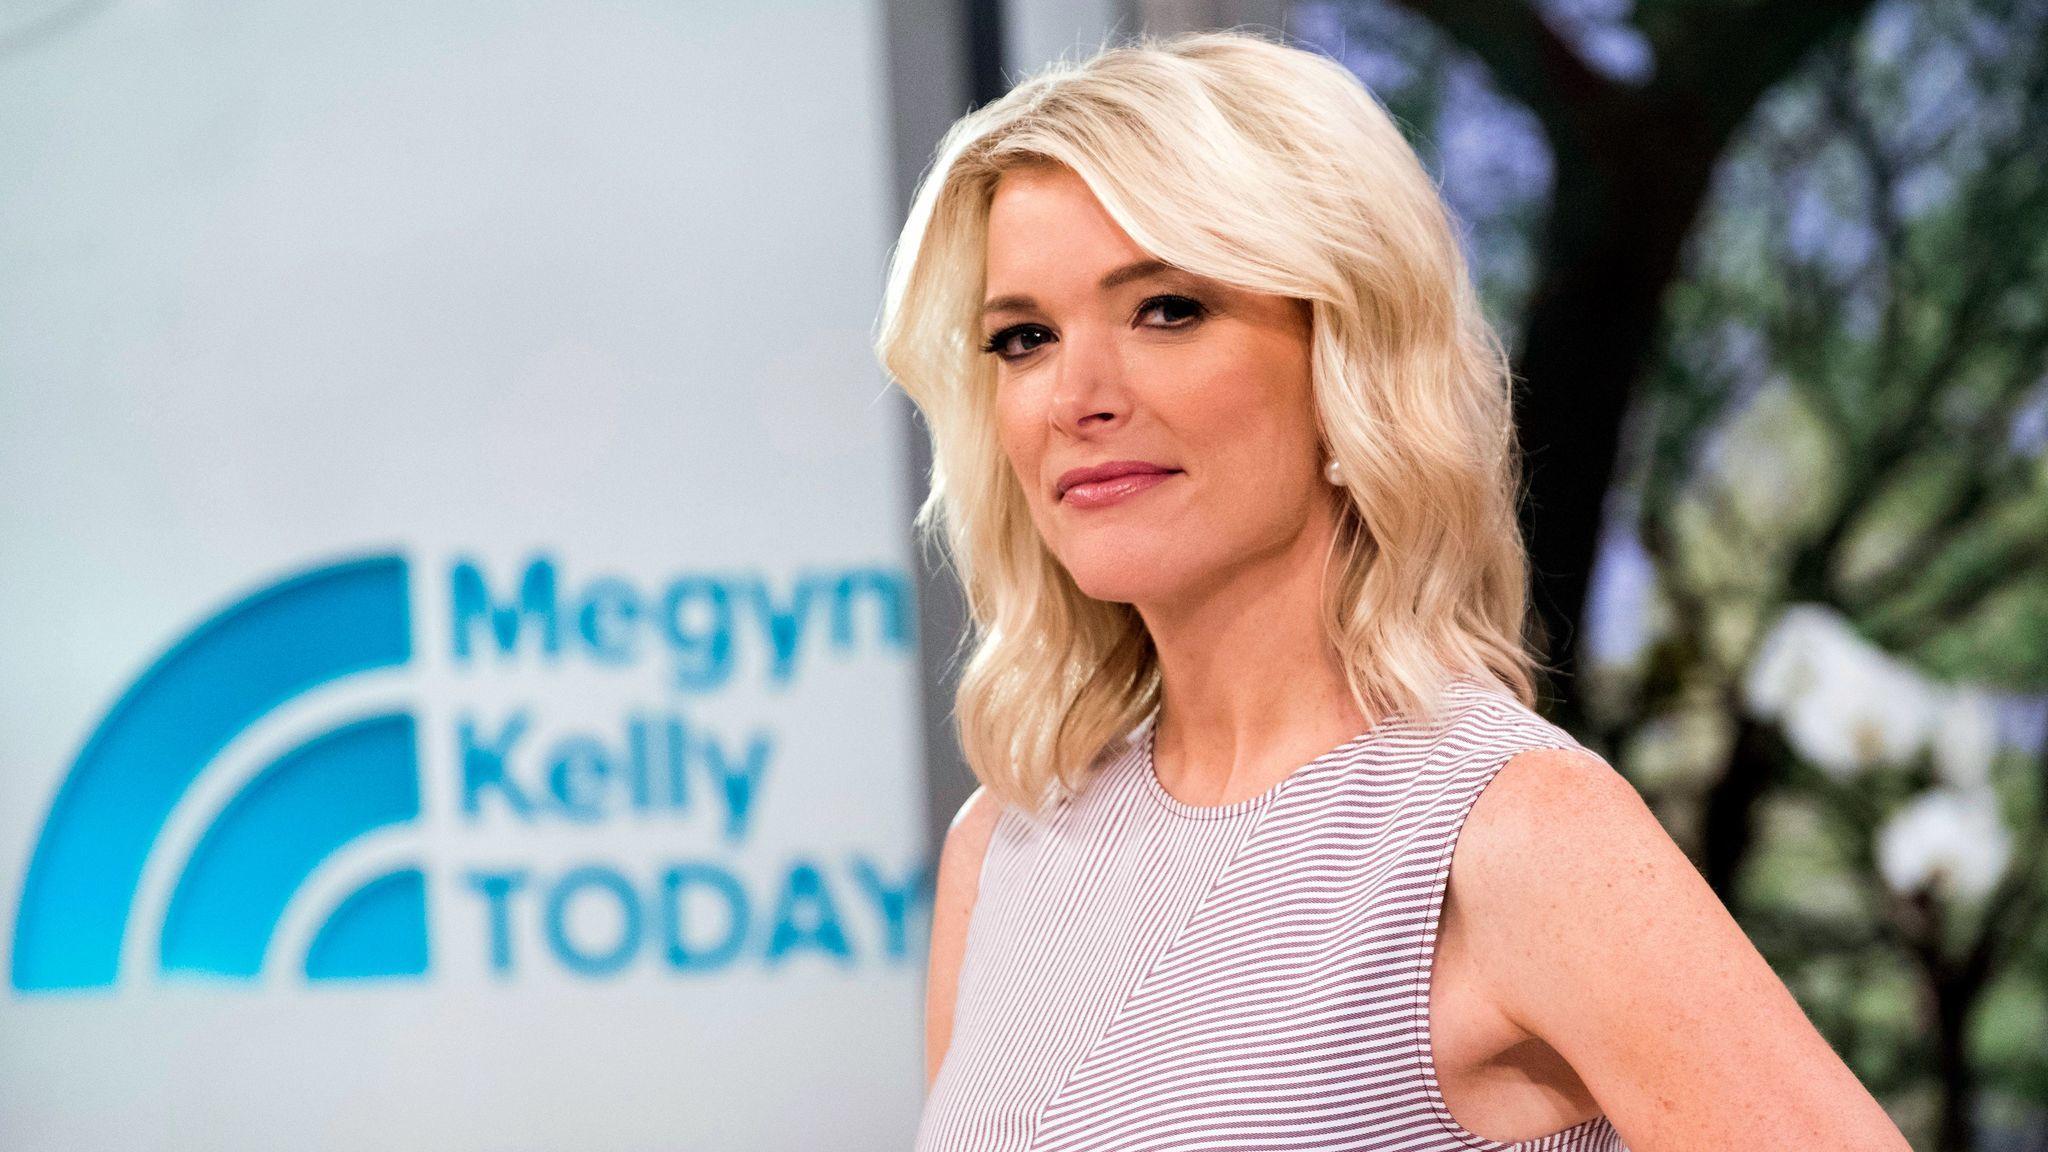 Megyn Kelly asks Jane Fonda about plastic surgery